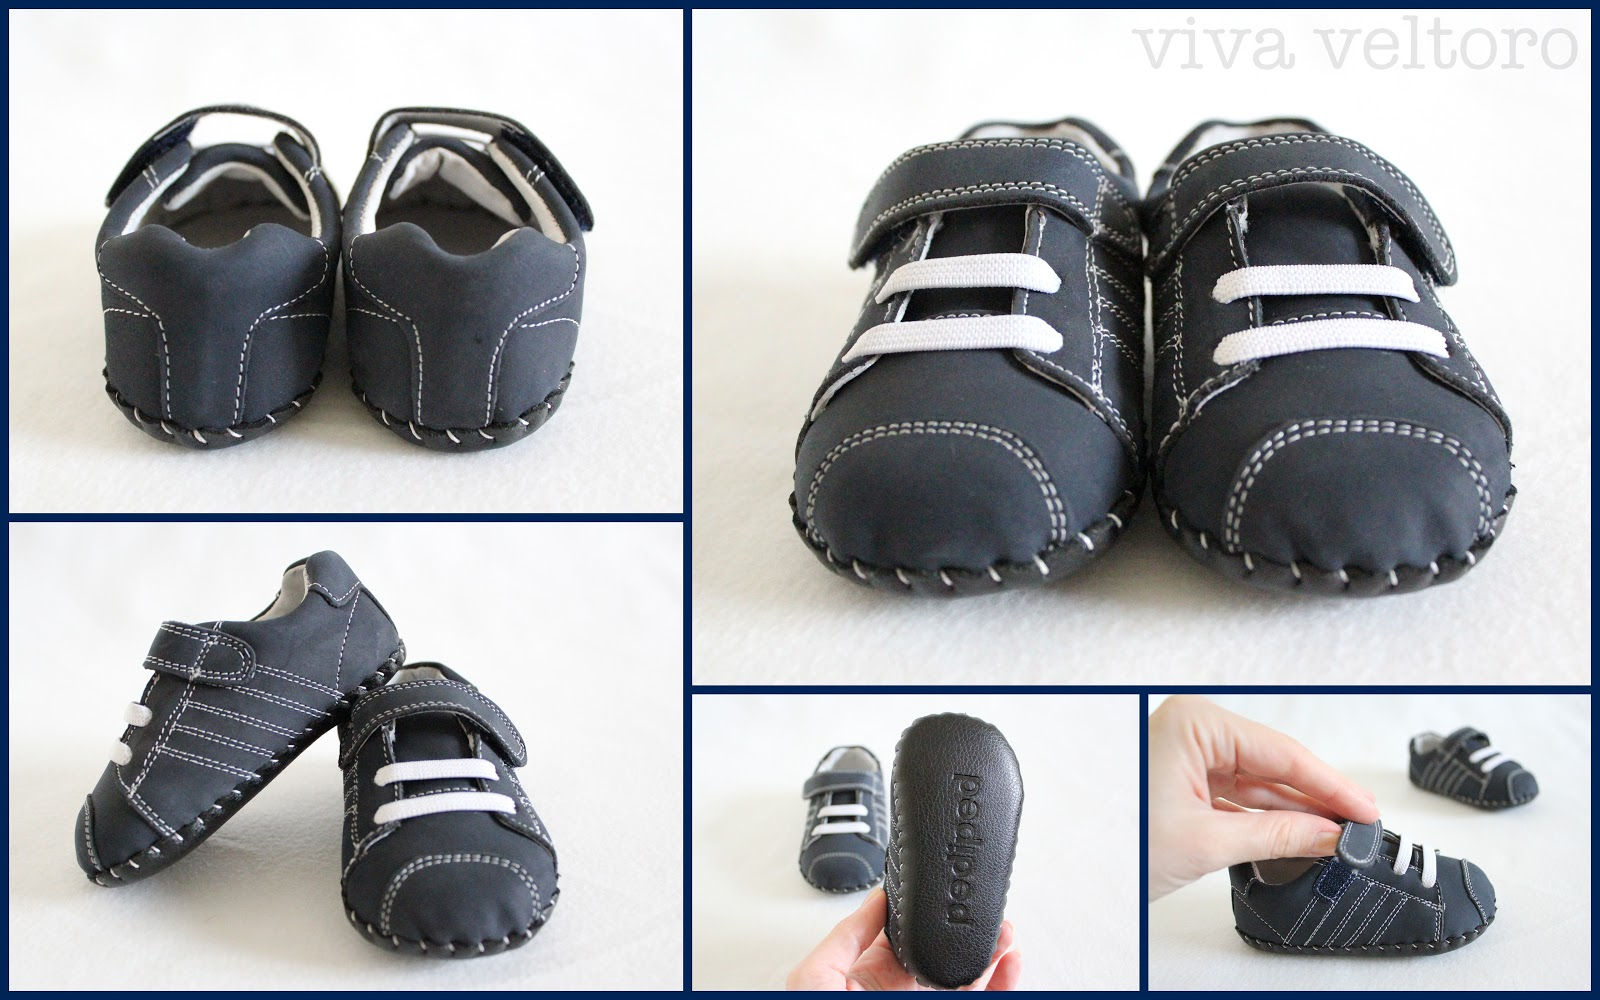 pediped shoes for little walkers. - Viva Veltoro